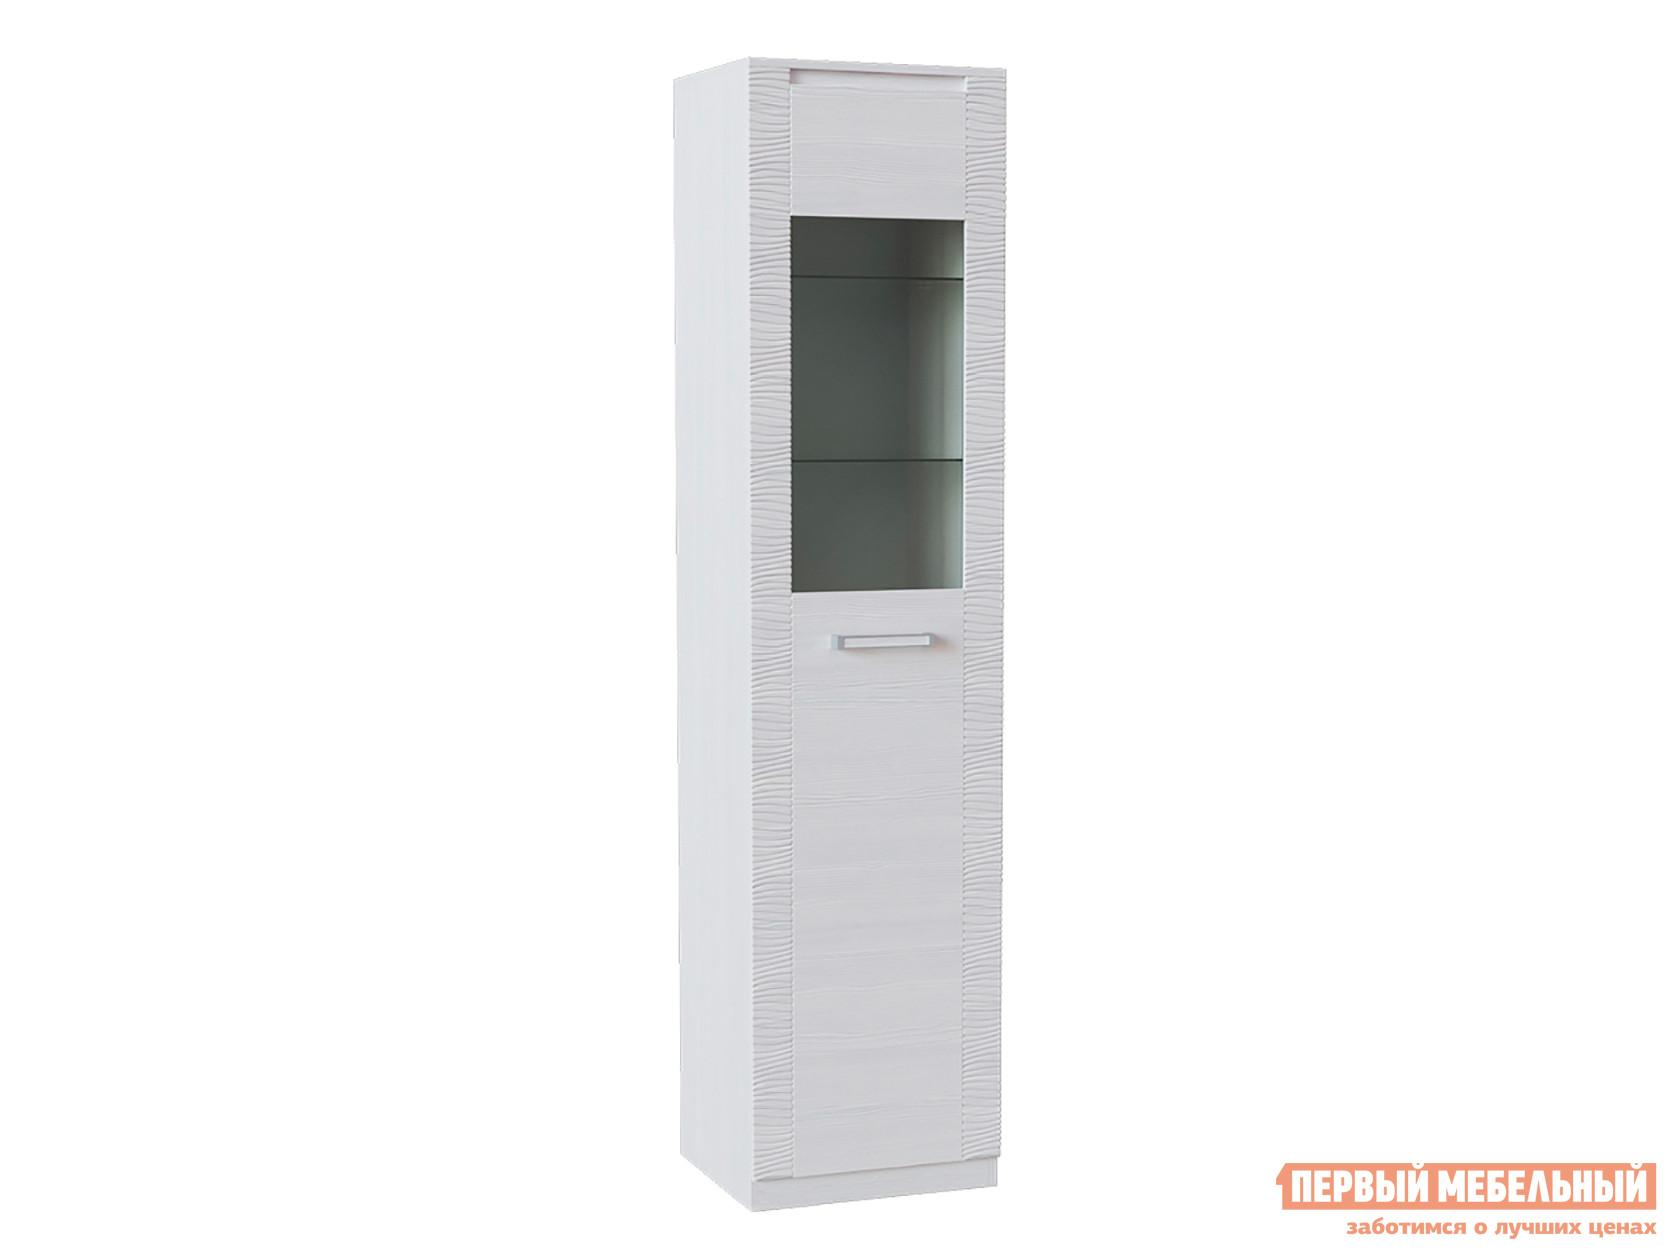 Шкаф-витрина Первый Мебельный Элегия ШК-149 sолнечные дни 2018 02 04t20 00